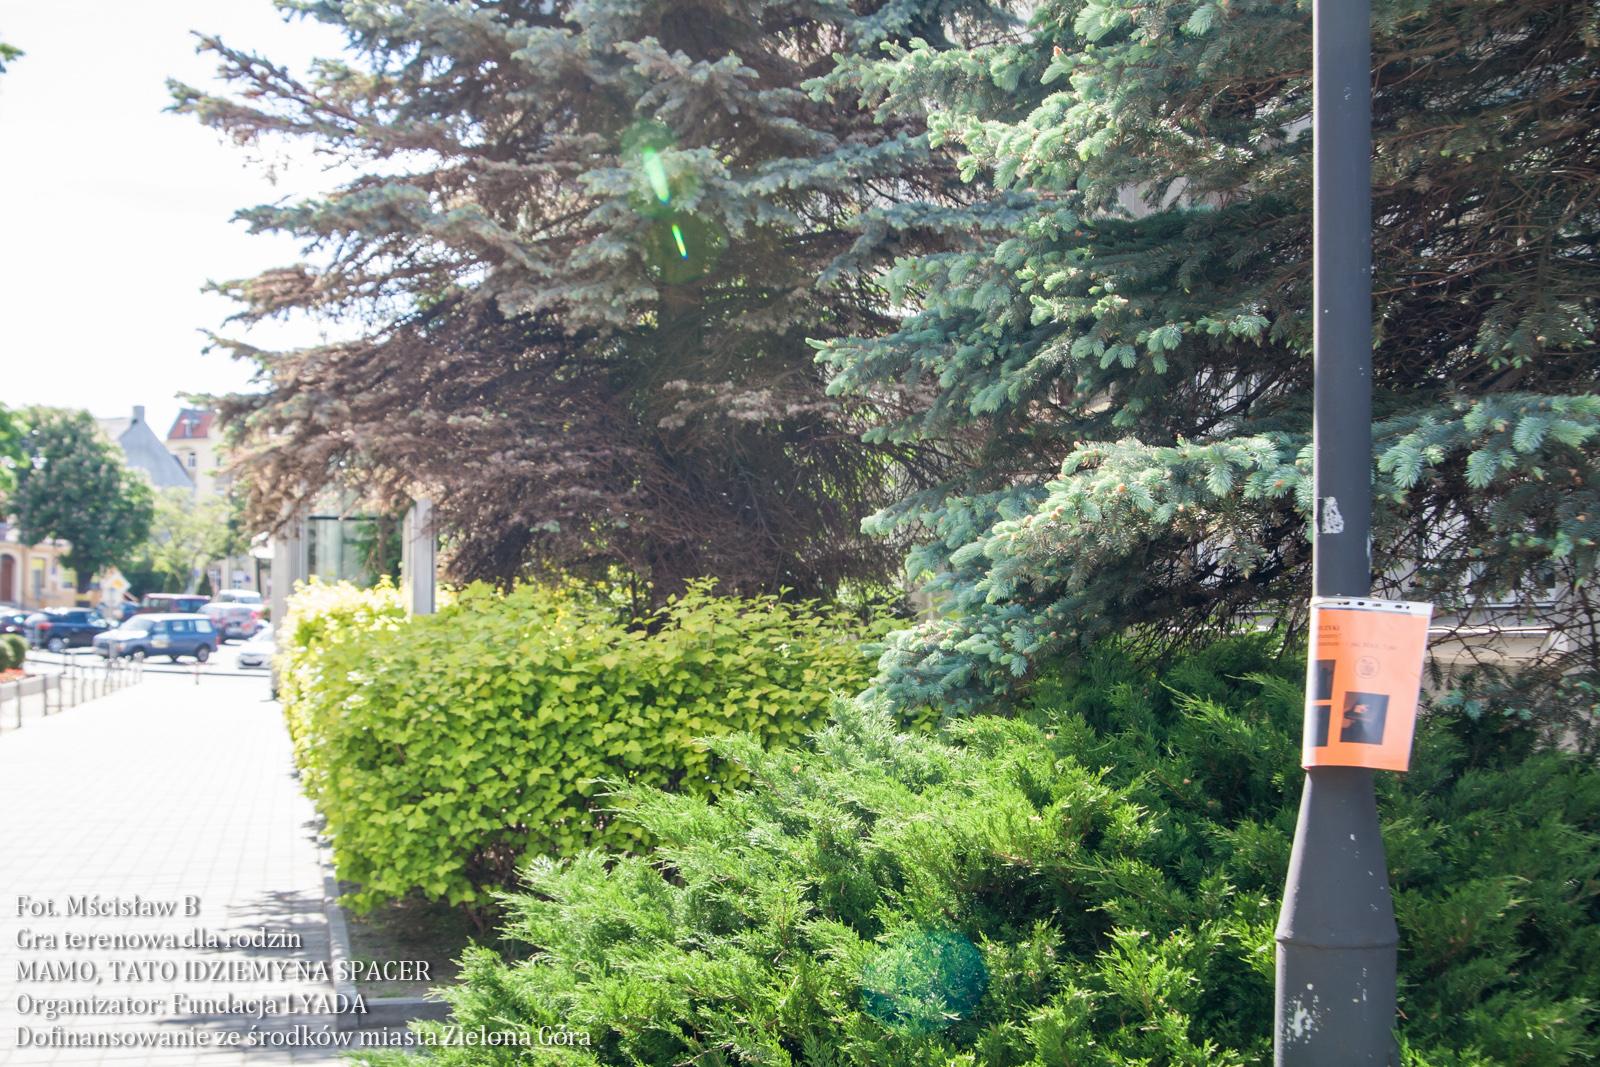 mamotatoidziemynaspacer-graterenowa-7624